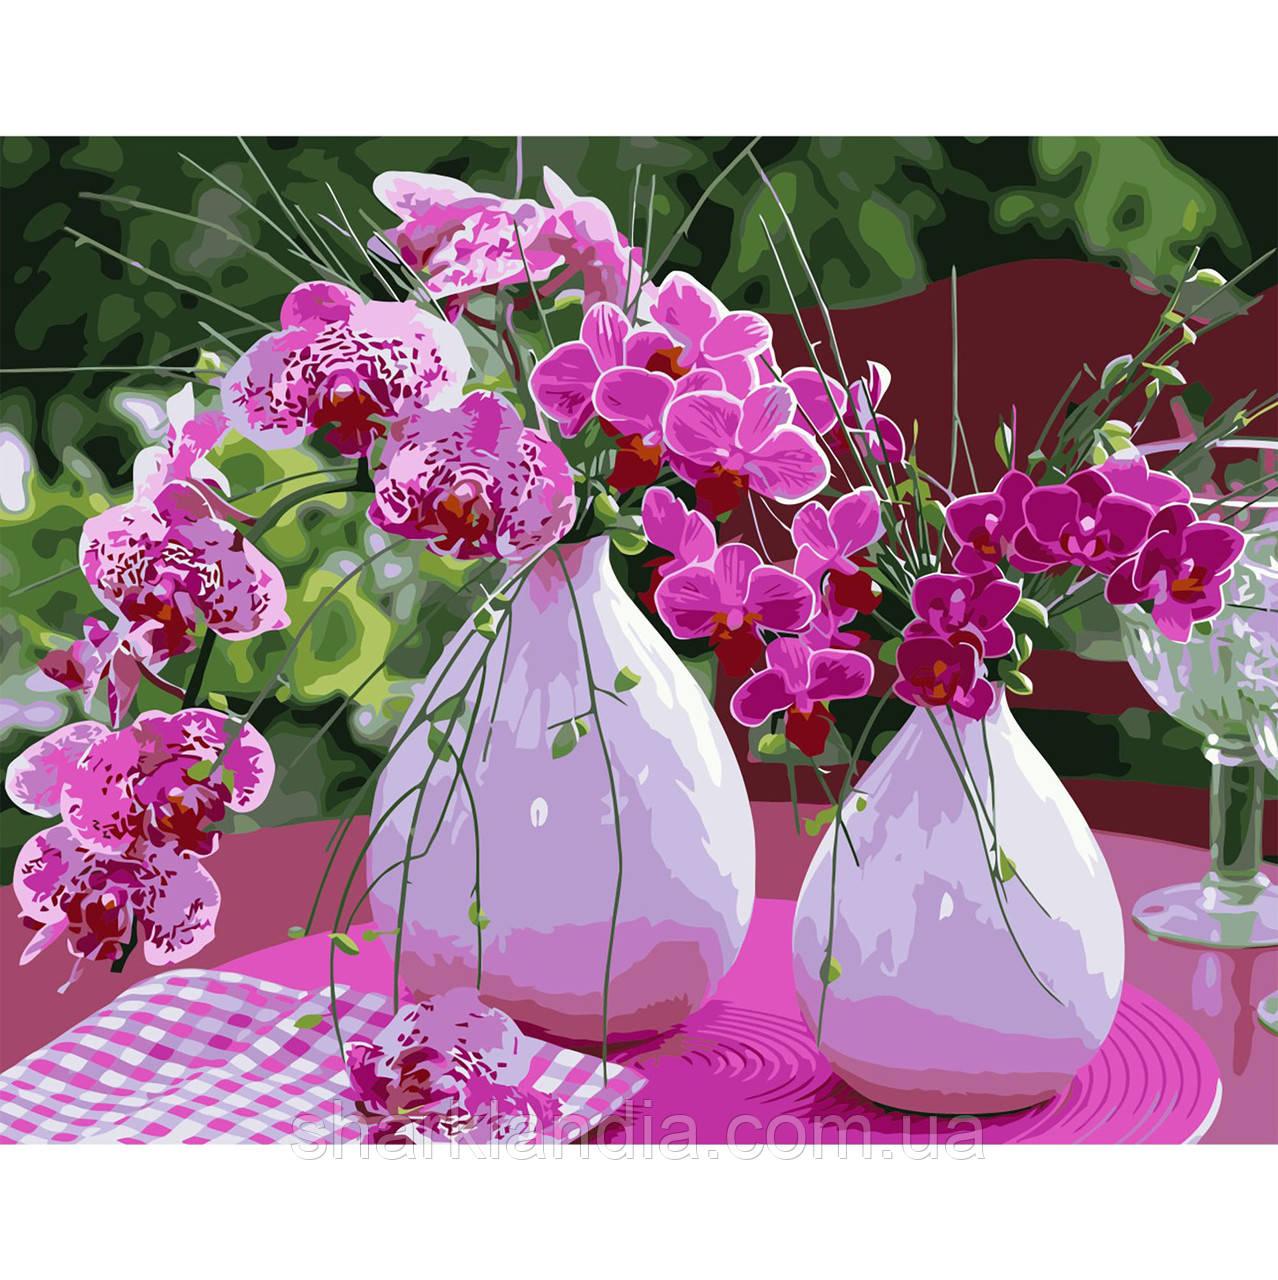 Картина за номером Яскраві орхідеї на столі 40х50см Strateg Квіти